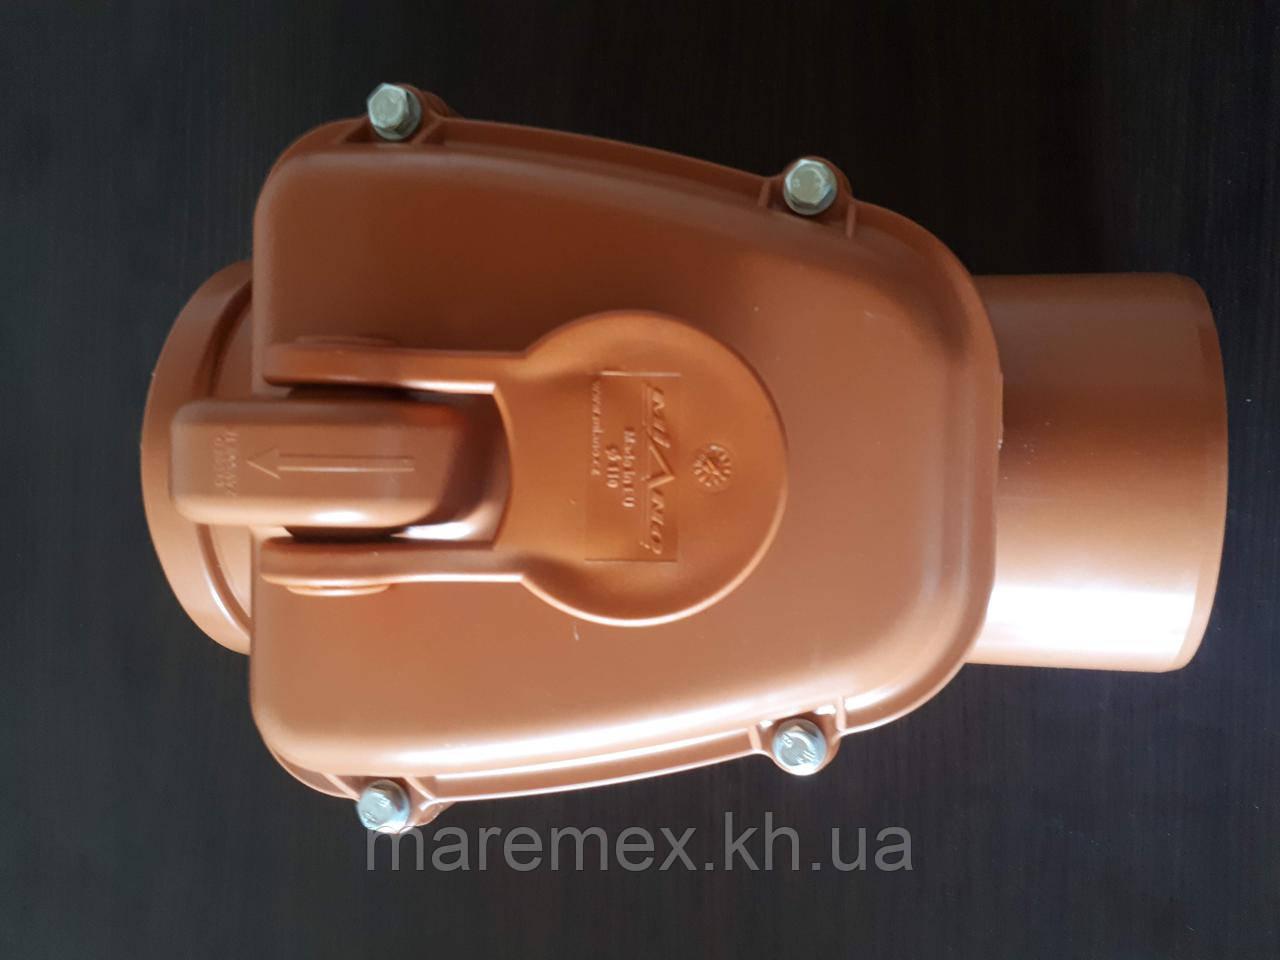 Обратный,запорный клапан для канализации д.160 FVplast (Польша)